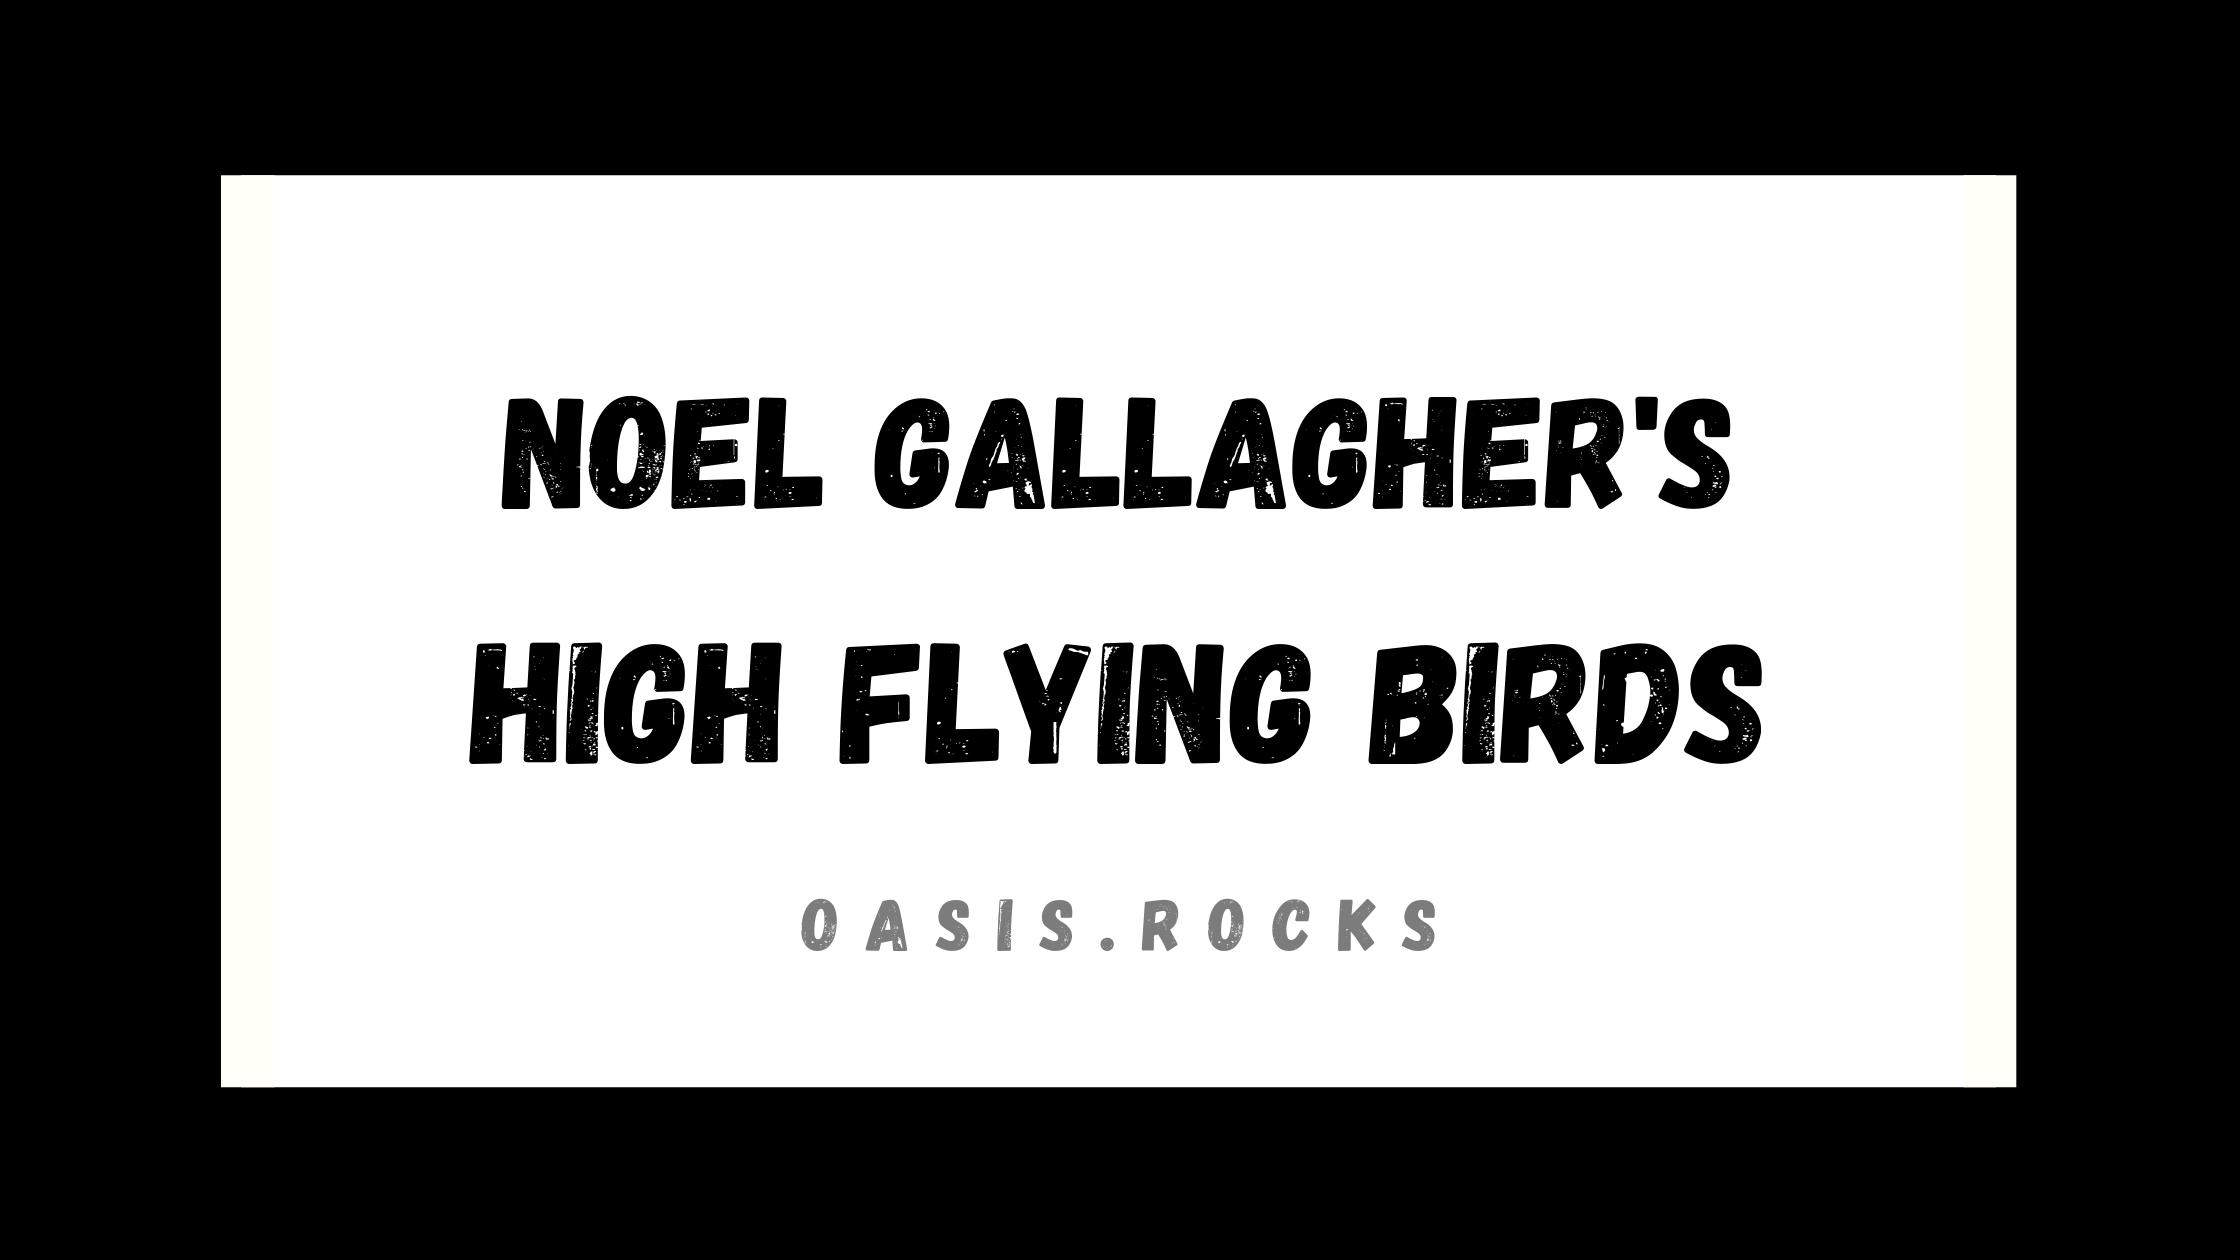 Nach dem Oasis-Aus gründete Noel Gallagher seine eigene Band namens Noel Gallagher's High Flying Birds.